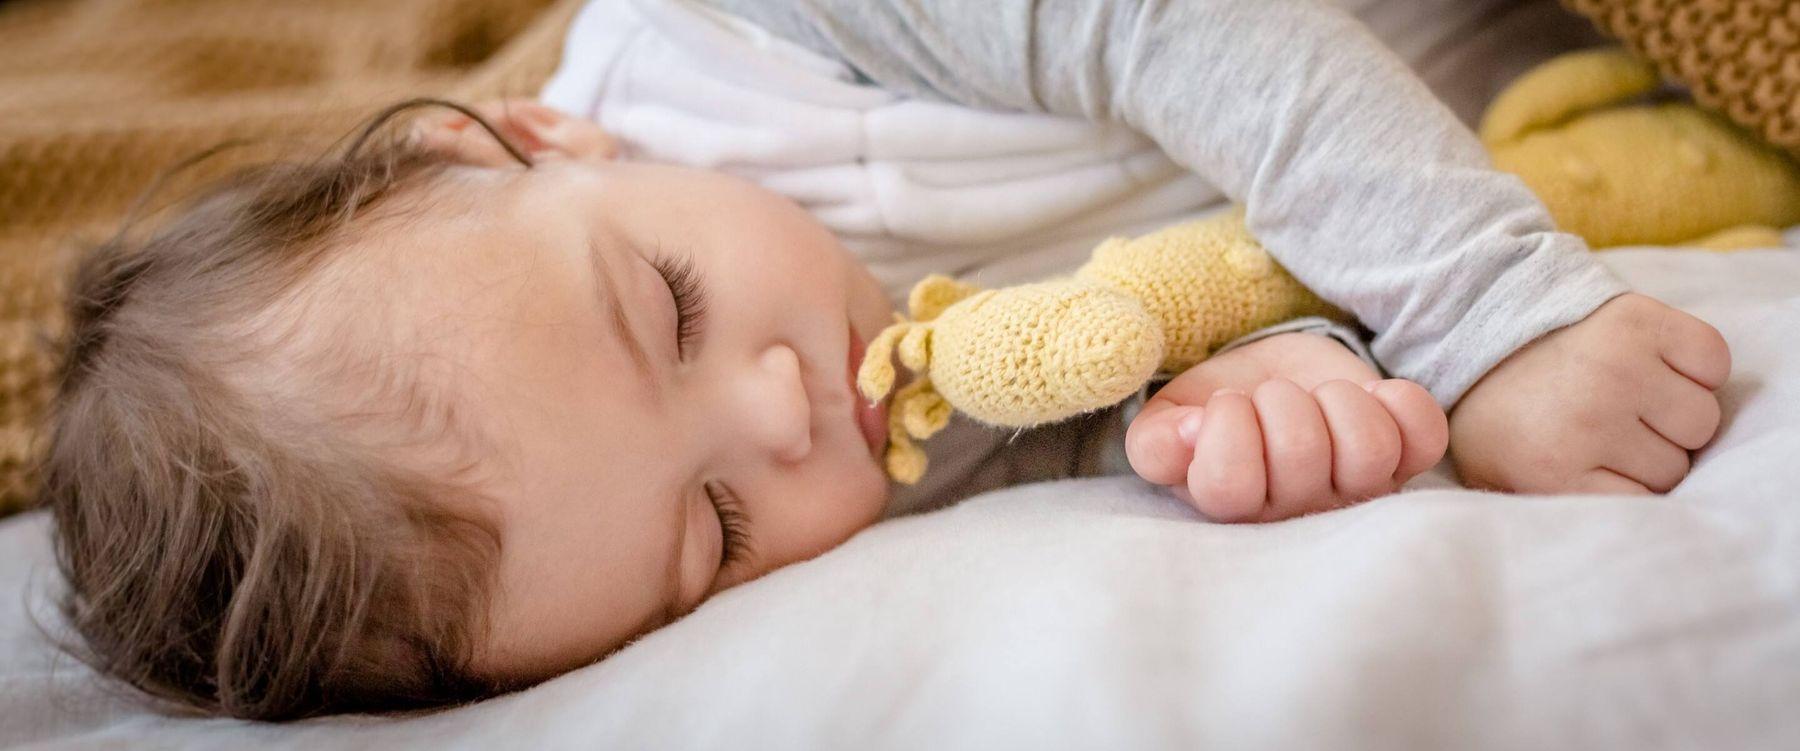 trẻ sơ sinh bị khô da